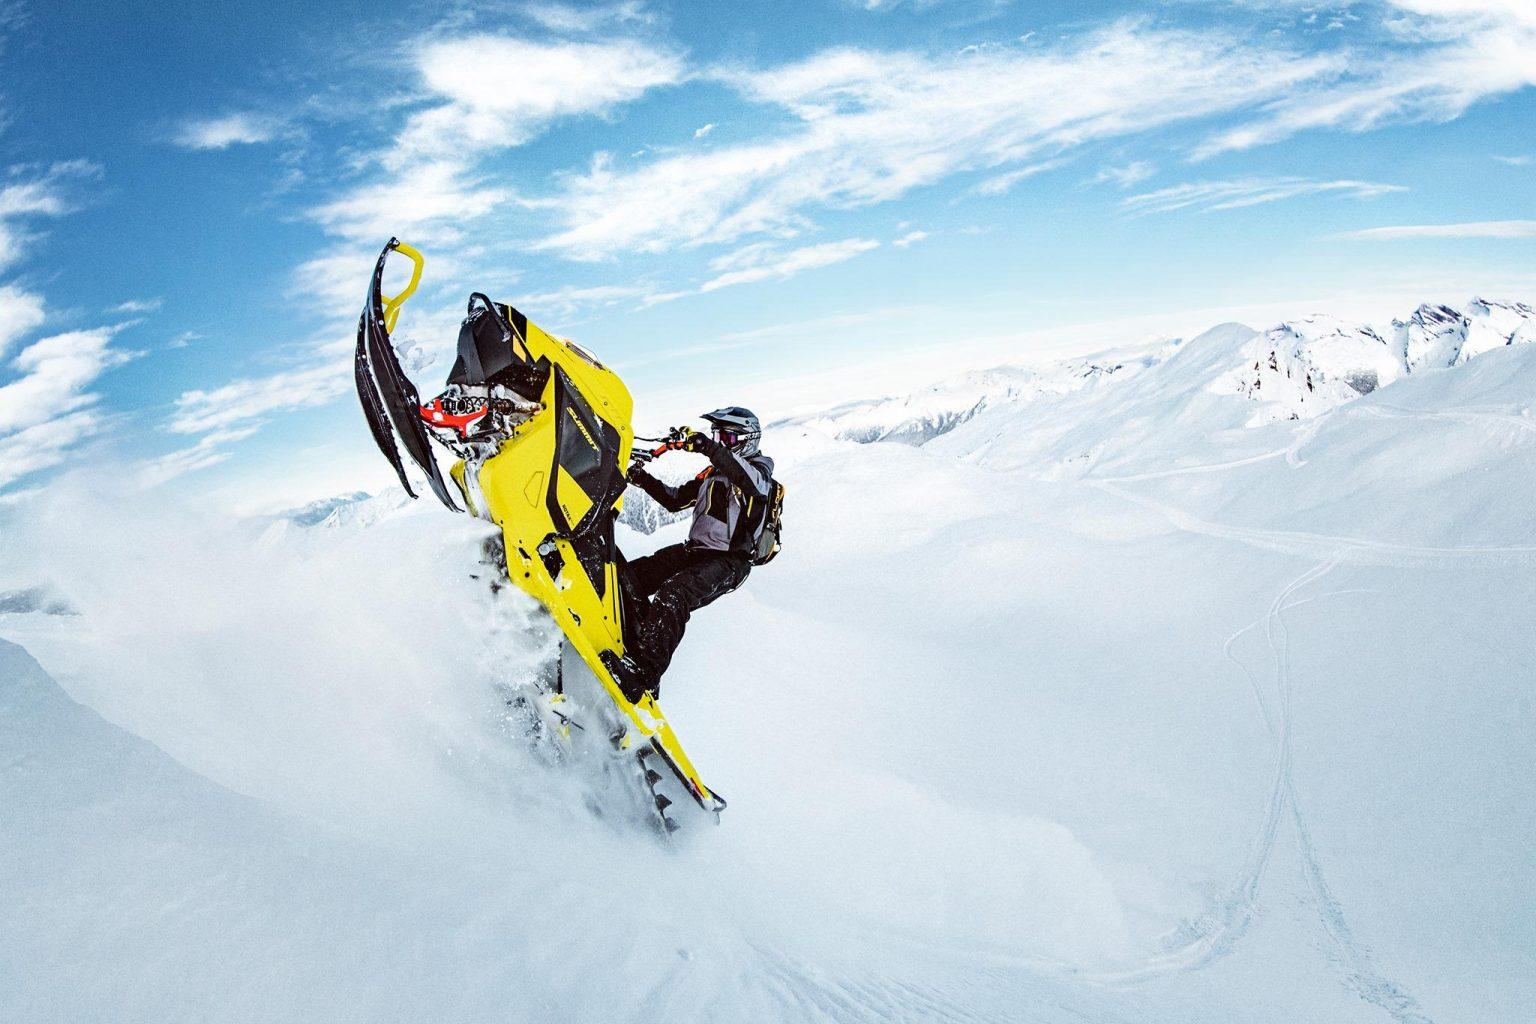 Summit 850 E-TEC Turbo 2020 - Une puissance constante pour atteindre le sommet